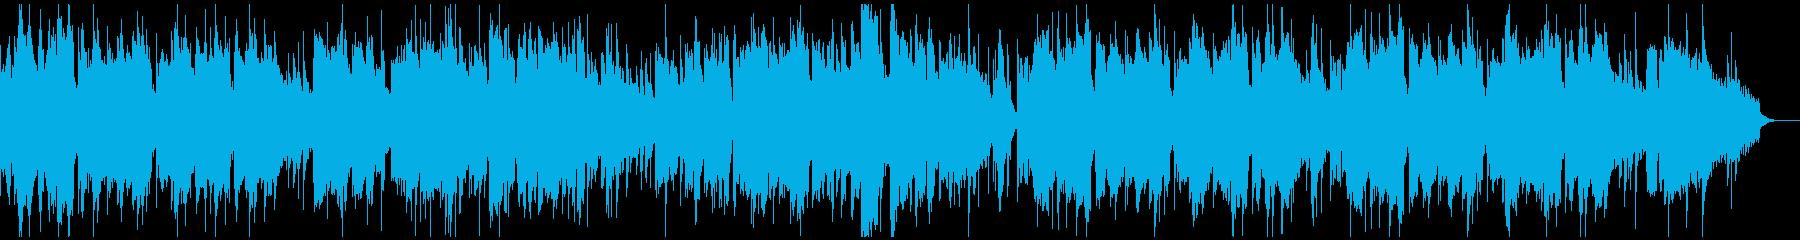 温泉や和をイメージしたBGMの再生済みの波形